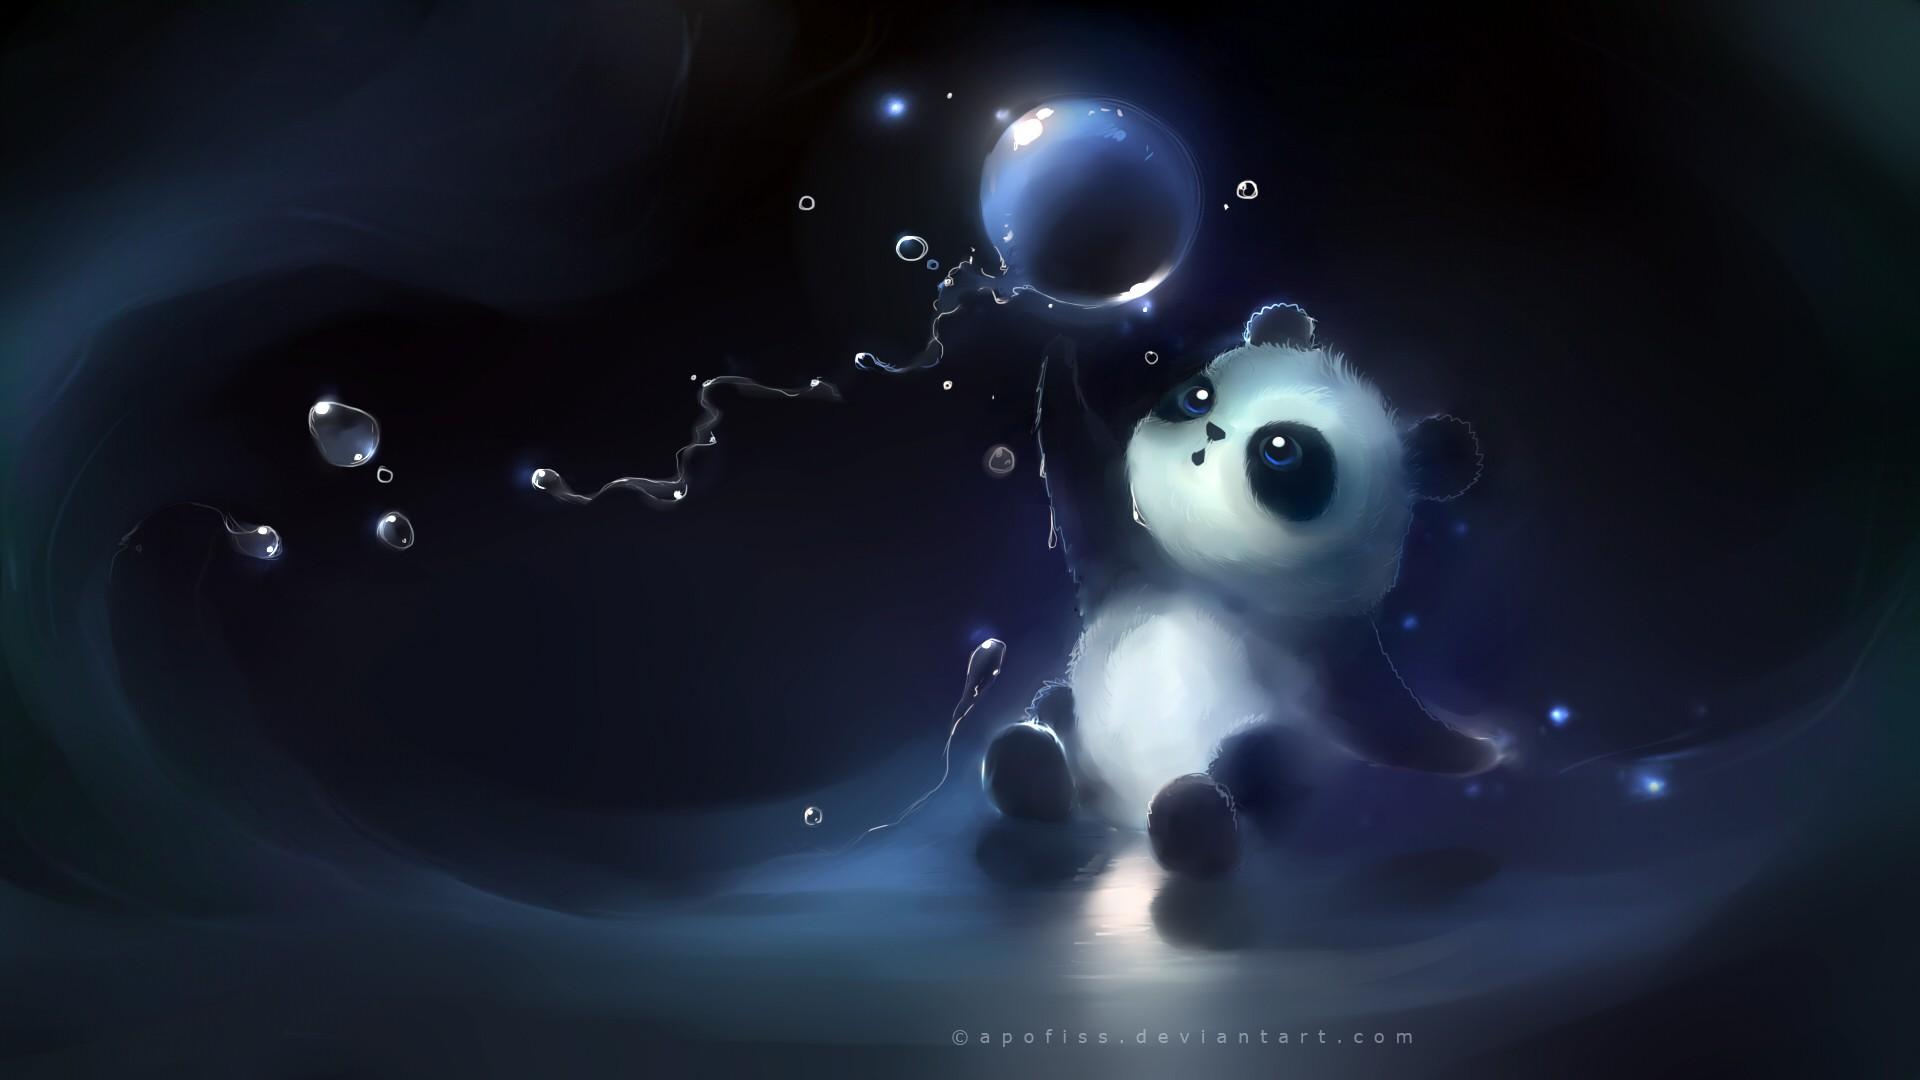 Gmail panda theme - Bubbly Panda Wallpapers Free Bubbly Panda Hd Wallpapers Bubbly Panda